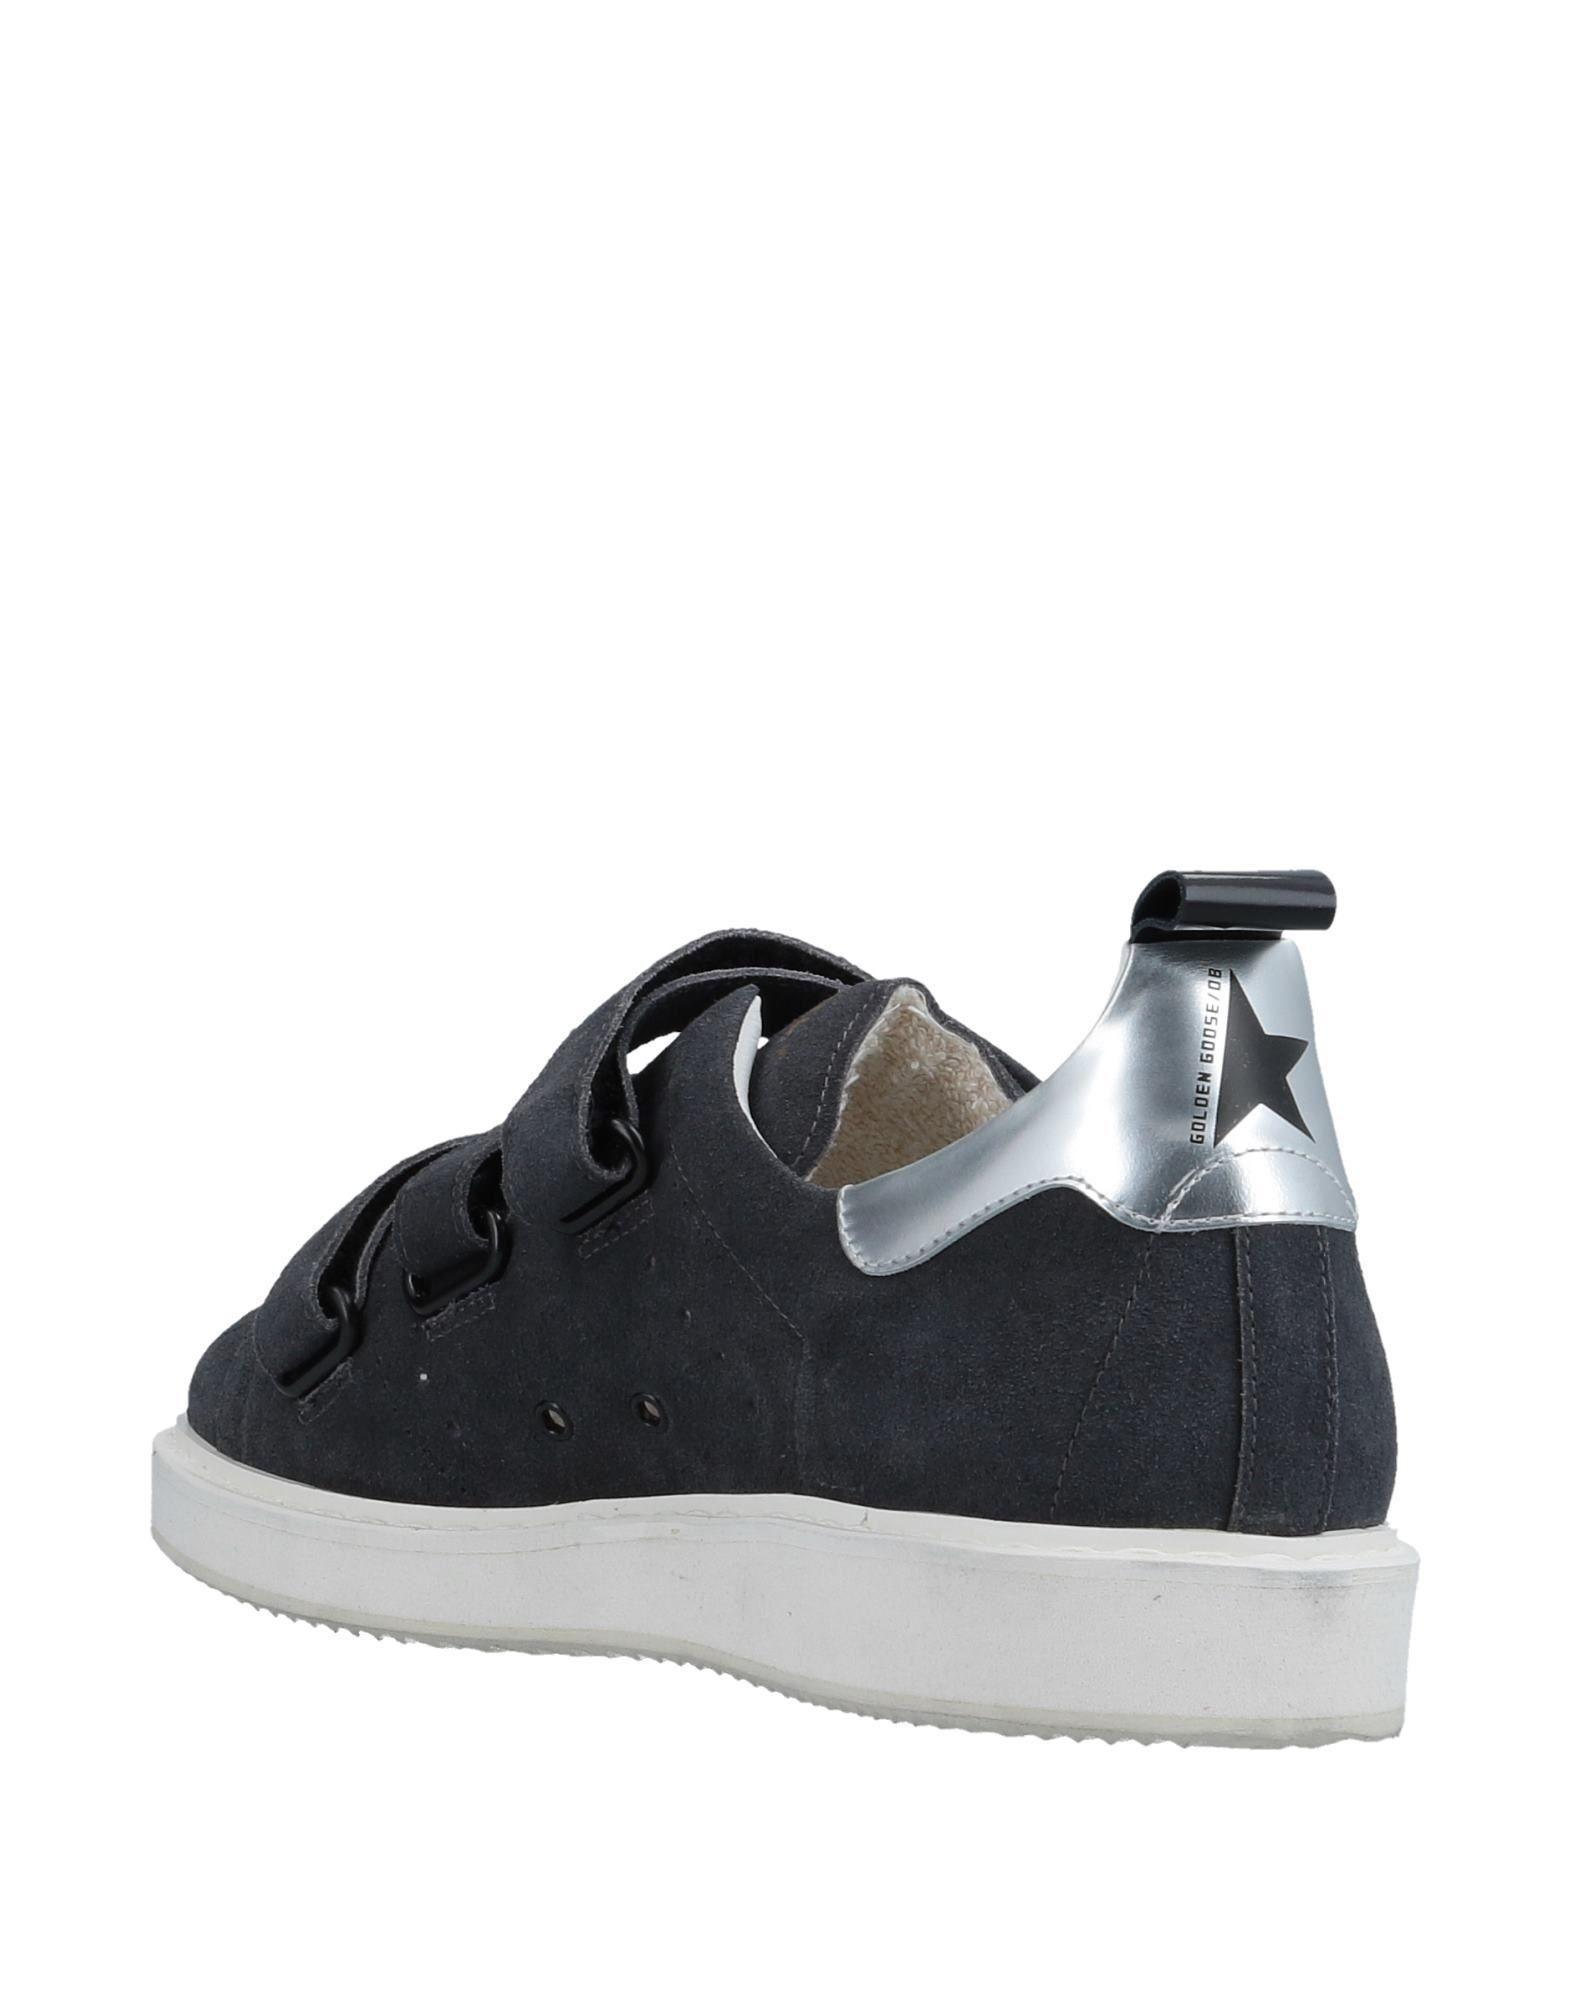 Golden Goose Deluxe Brand Sneakers Herren  11509969BM Gute Qualität beliebte Schuhe